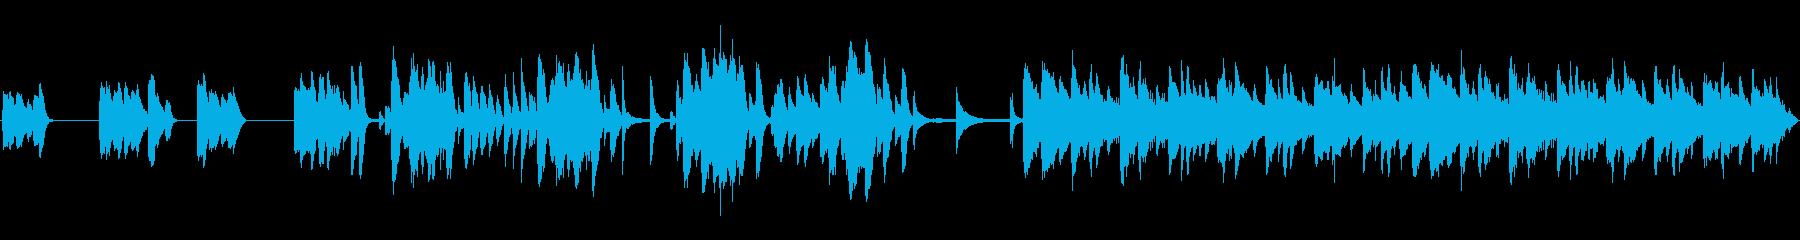 知的な感じのアコースティックなテクノの再生済みの波形